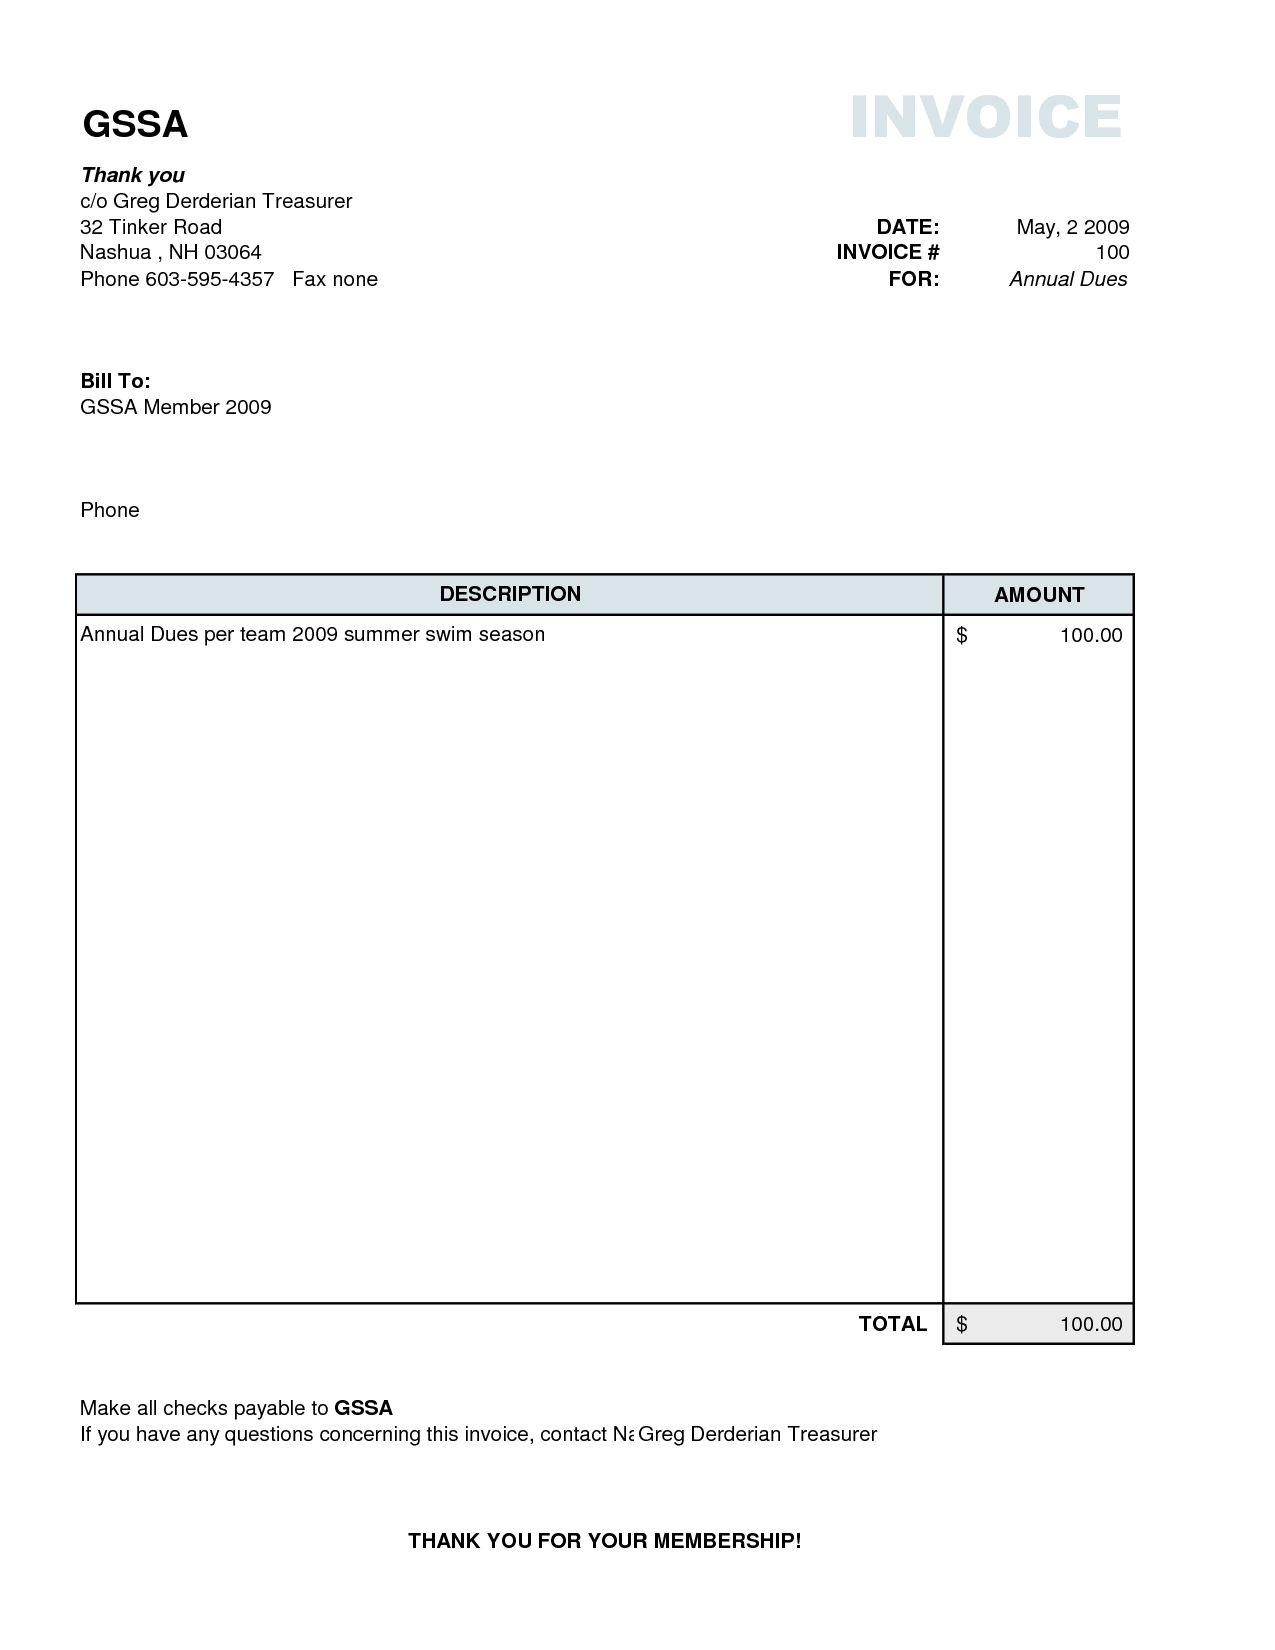 Basic Invoice Layout